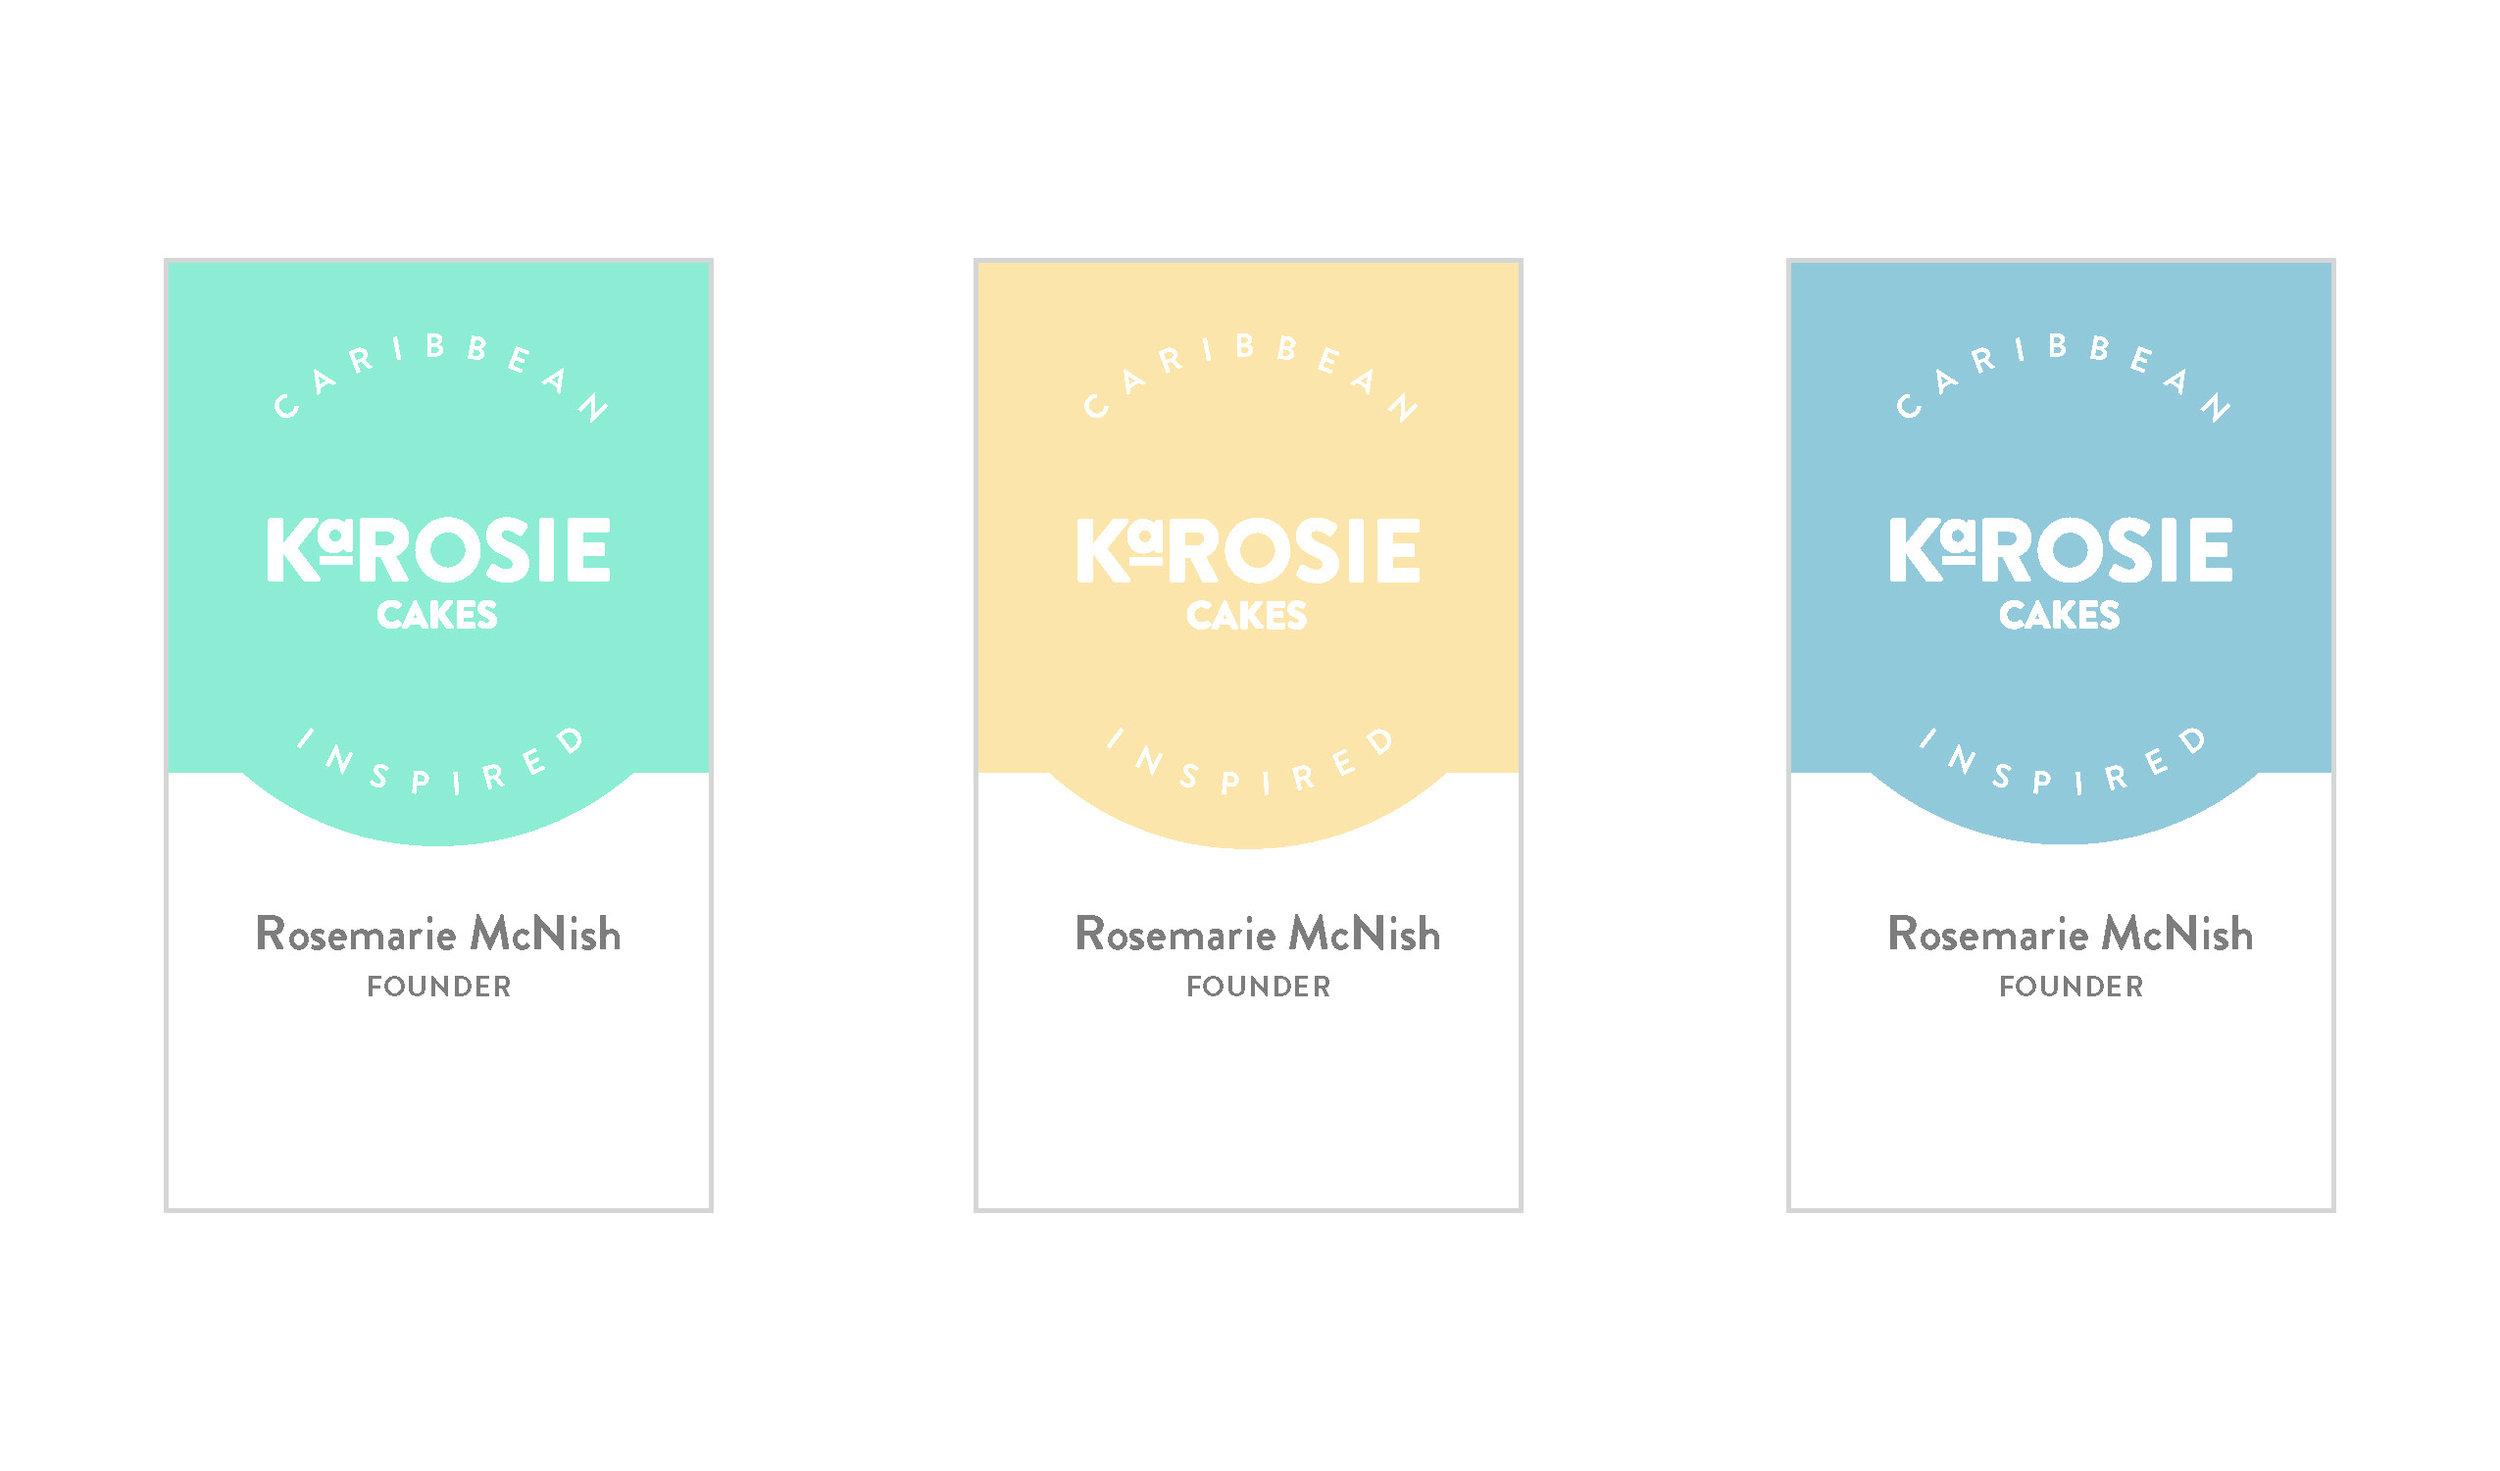 KaRosie_Page_08.jpg